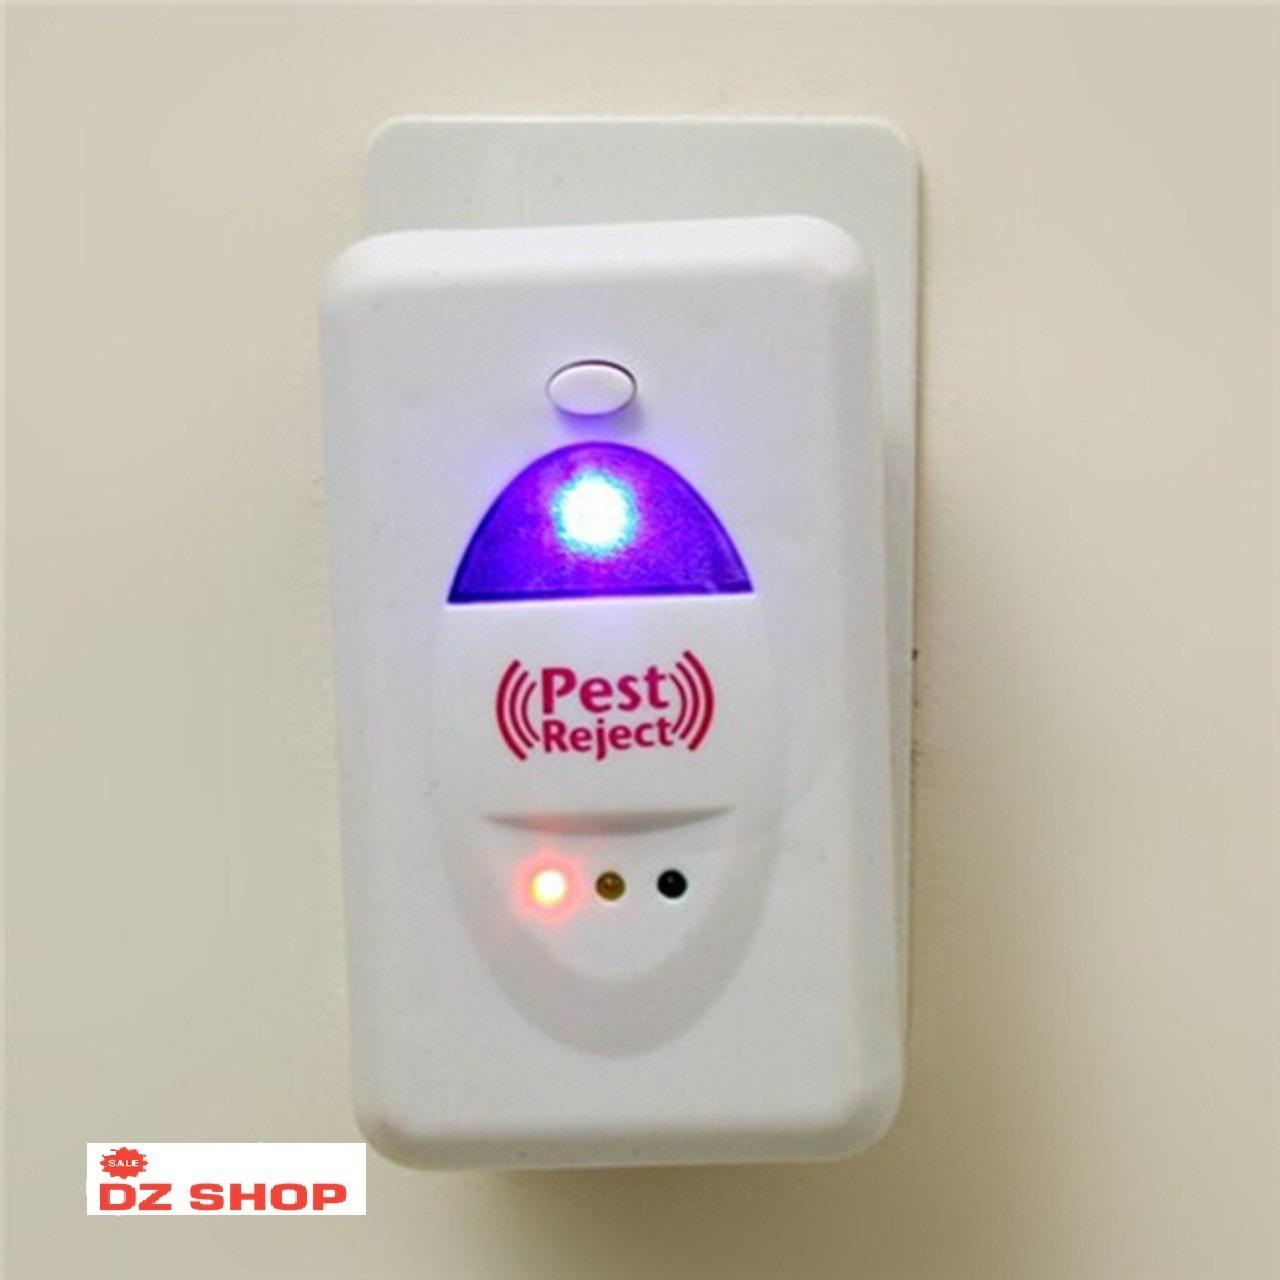 cách diệt chuột trong nhà -mua ngay máy đuổi muỗi,côn trùng pest reject,hiệu quả cao,không mùi,không độc,không gây hại cho sức khỏe -028 -cung cấp và bảo hành uy tín 1 đổi 1 bởi DZ SHOP